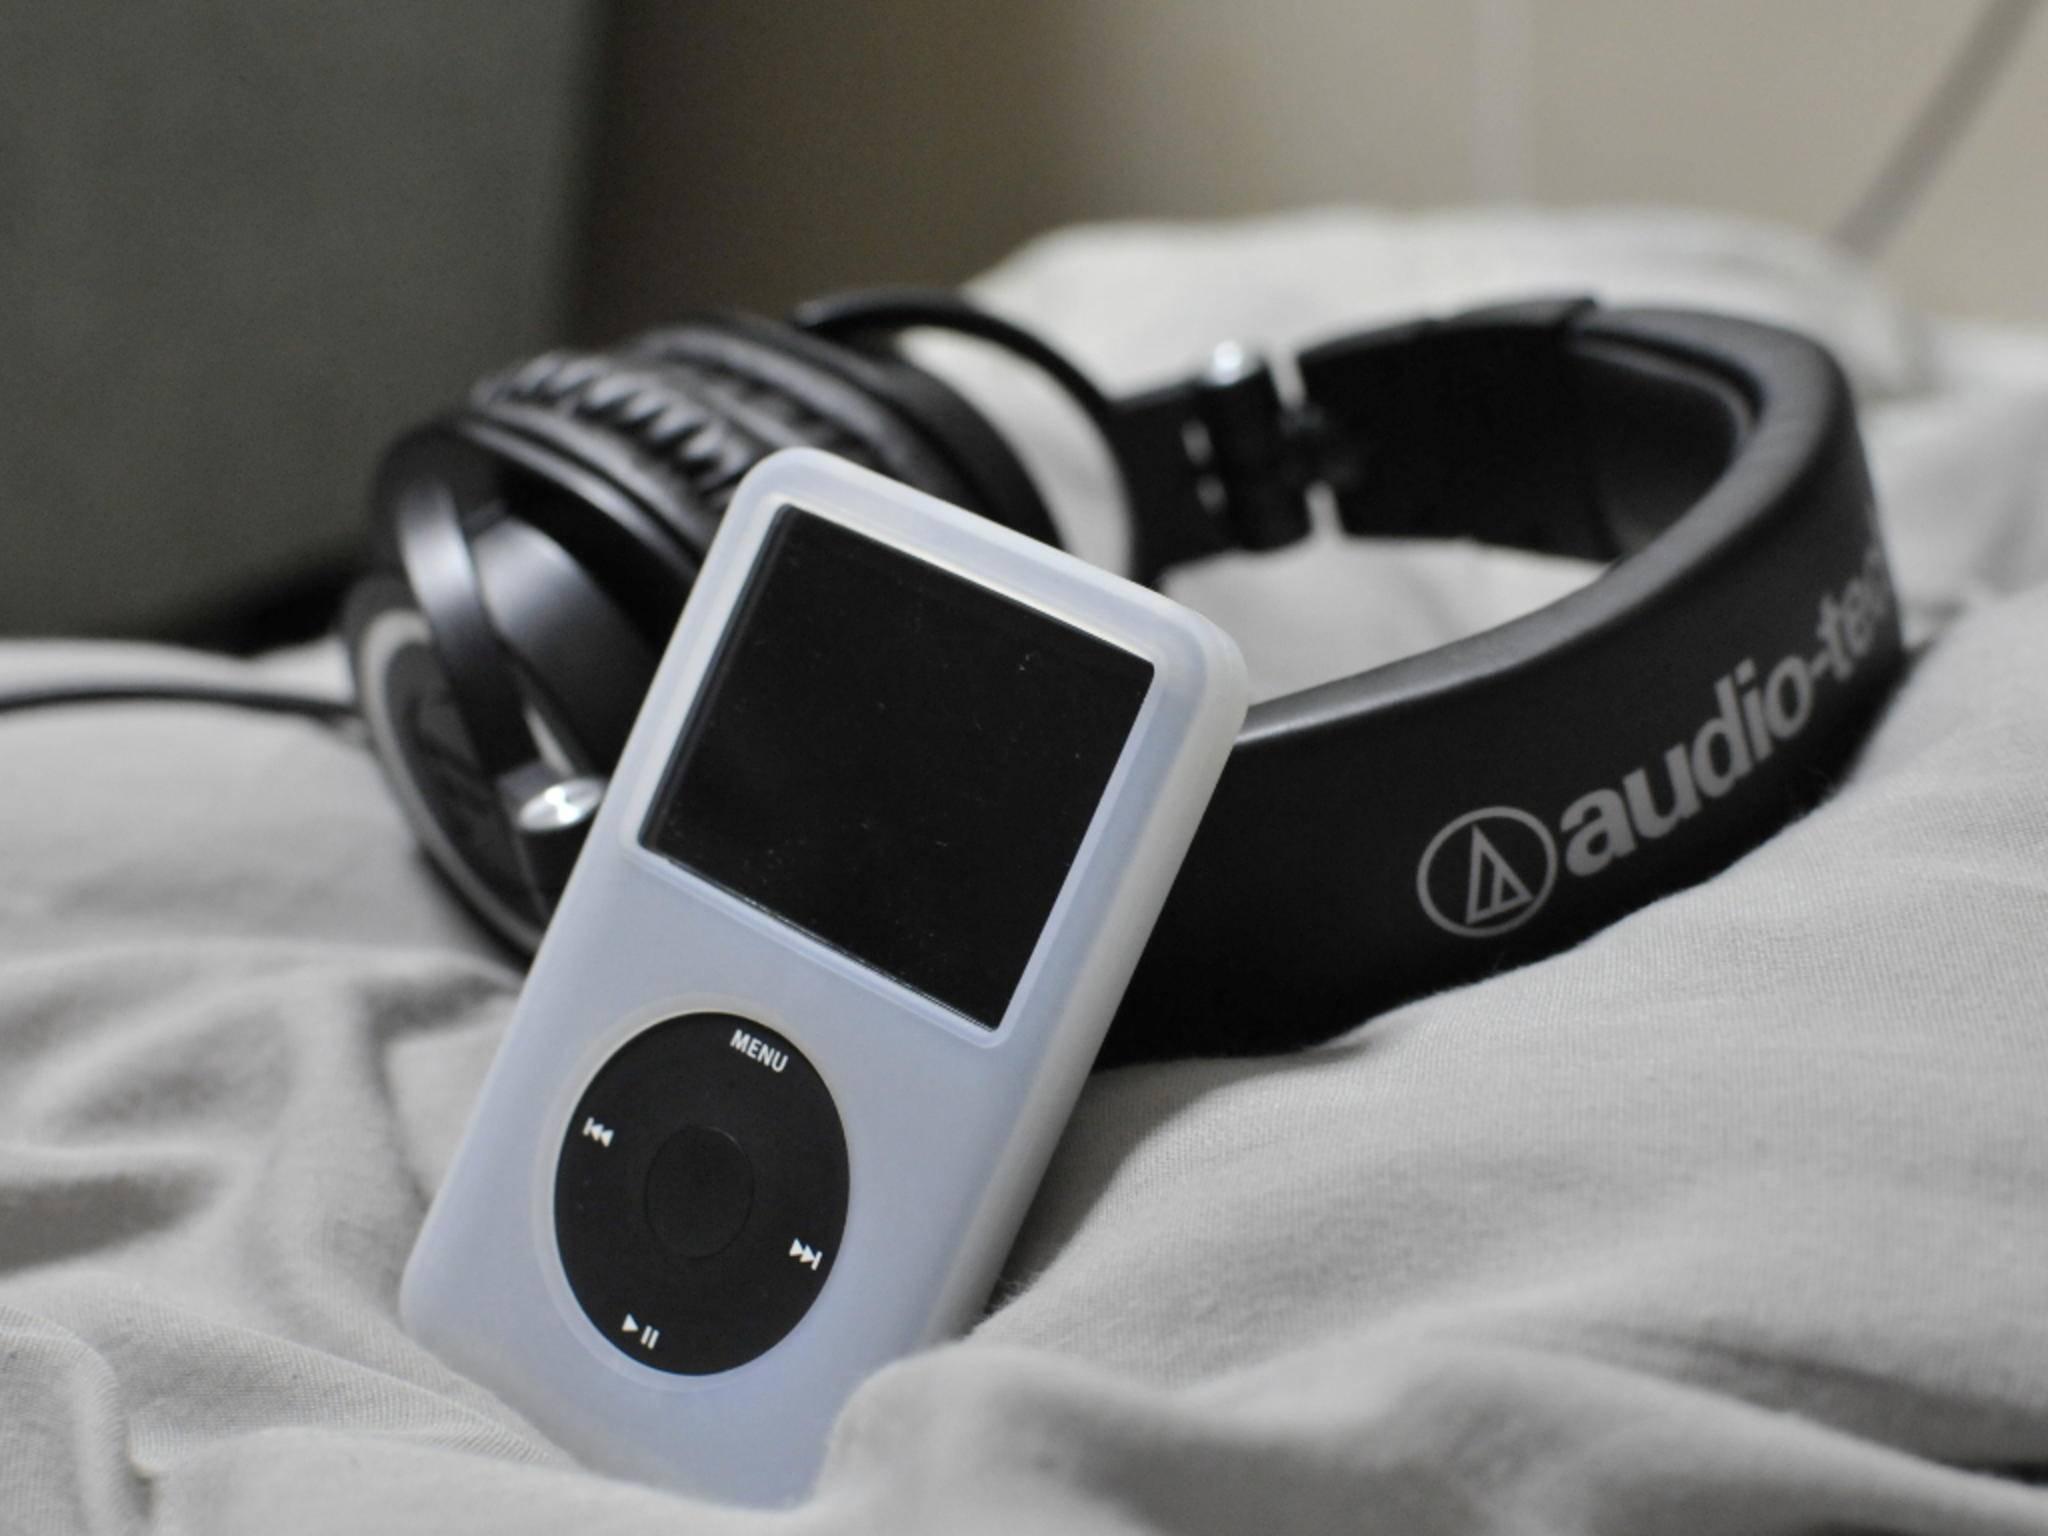 Das erste iPhone hätte auch eine digitale Version des Click Wheel vom iPod bekommen können.